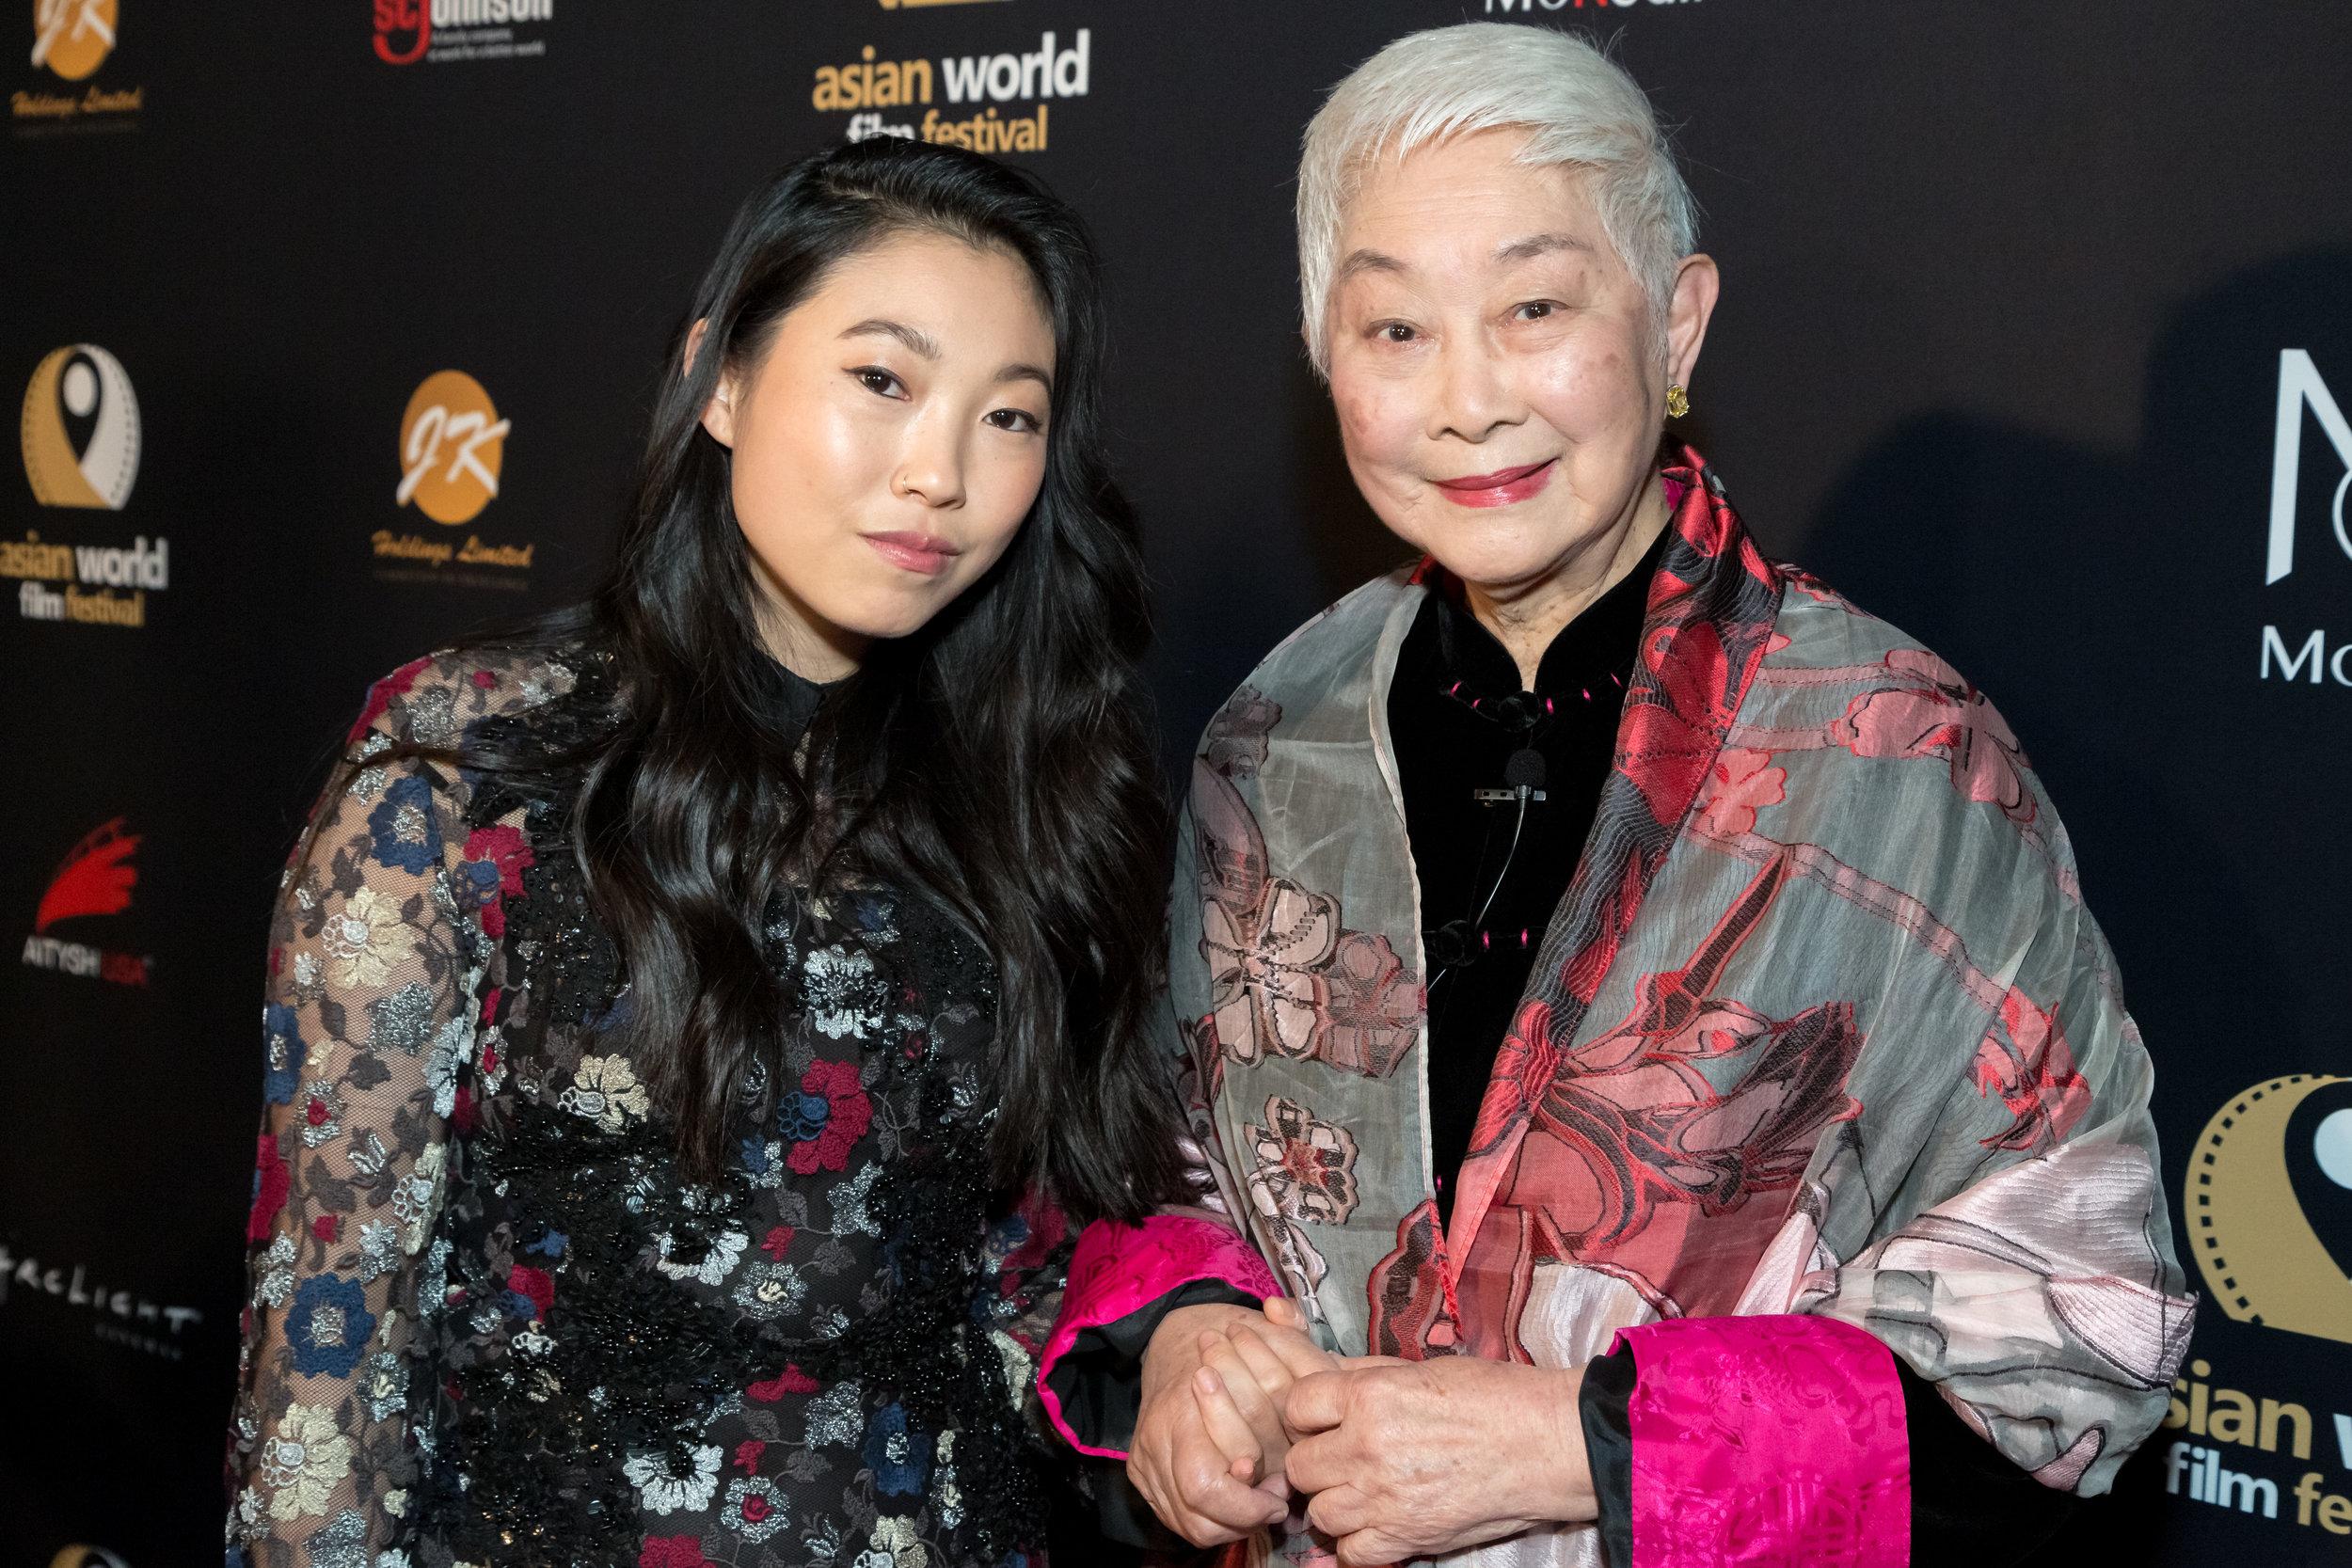 asian-world-film-festival-0216.jpg